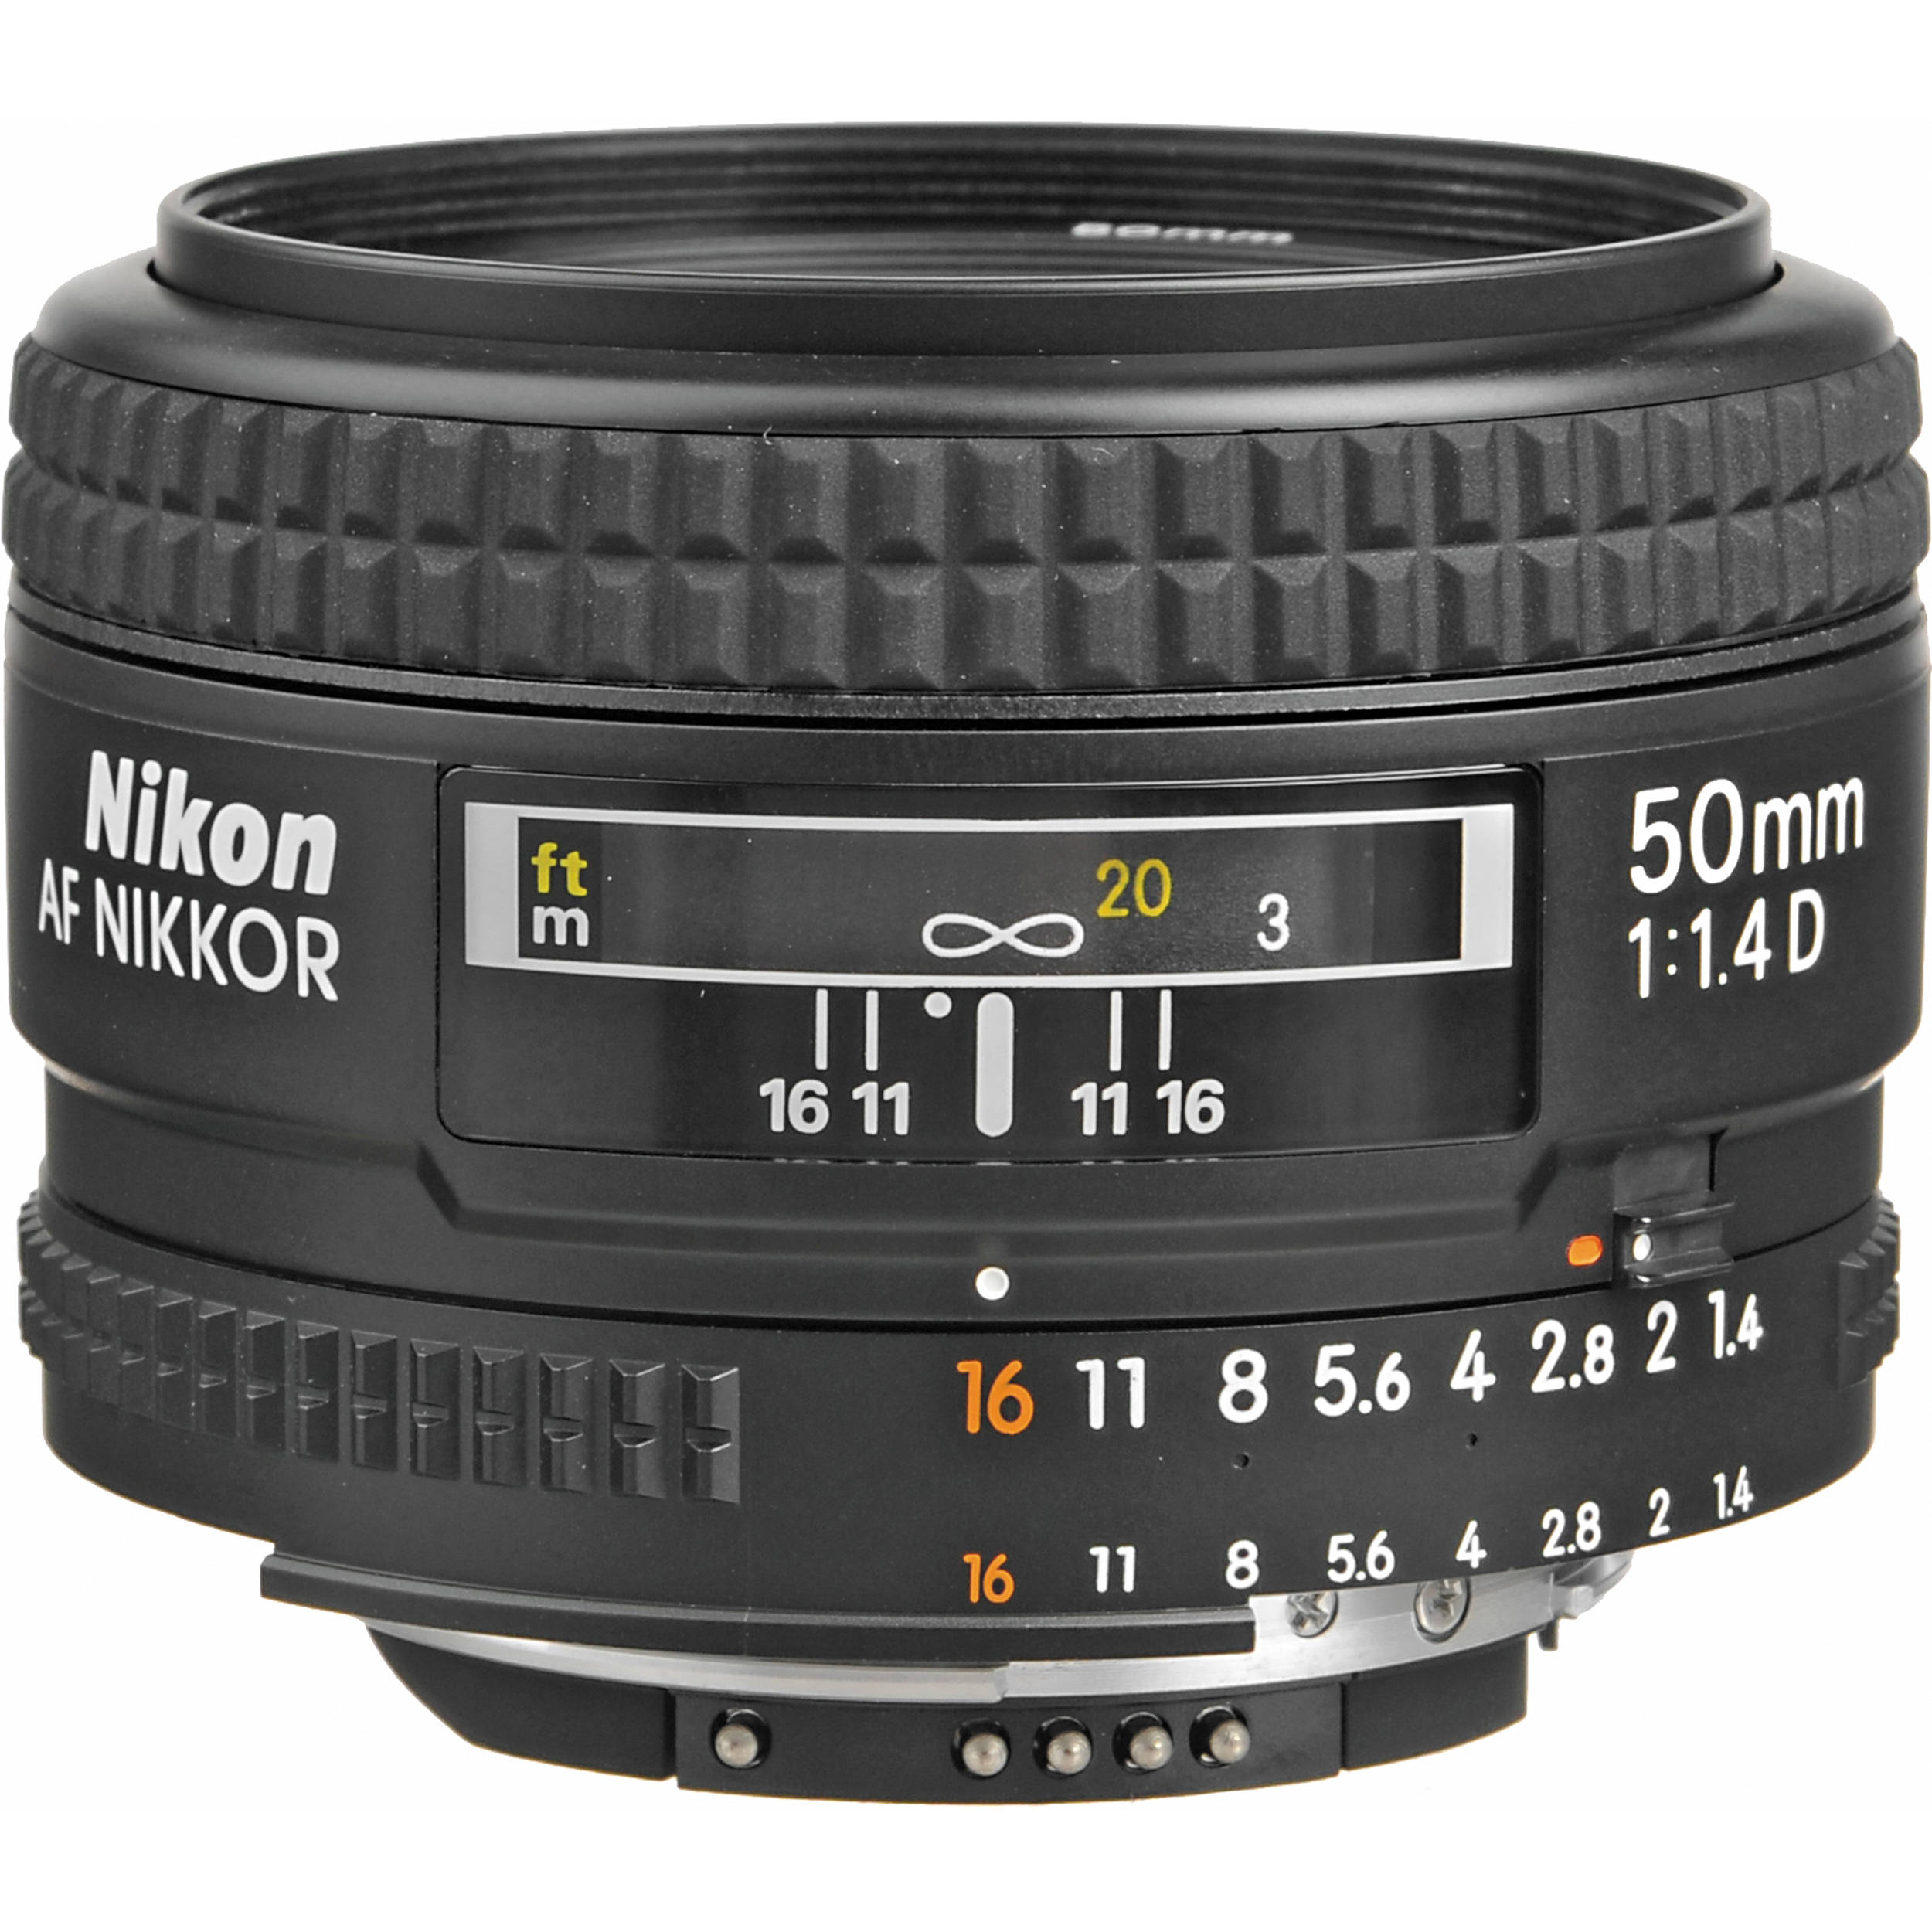 Nikon_1902_AF_Nikkor_50mm_f_1_4D_97413.jpg